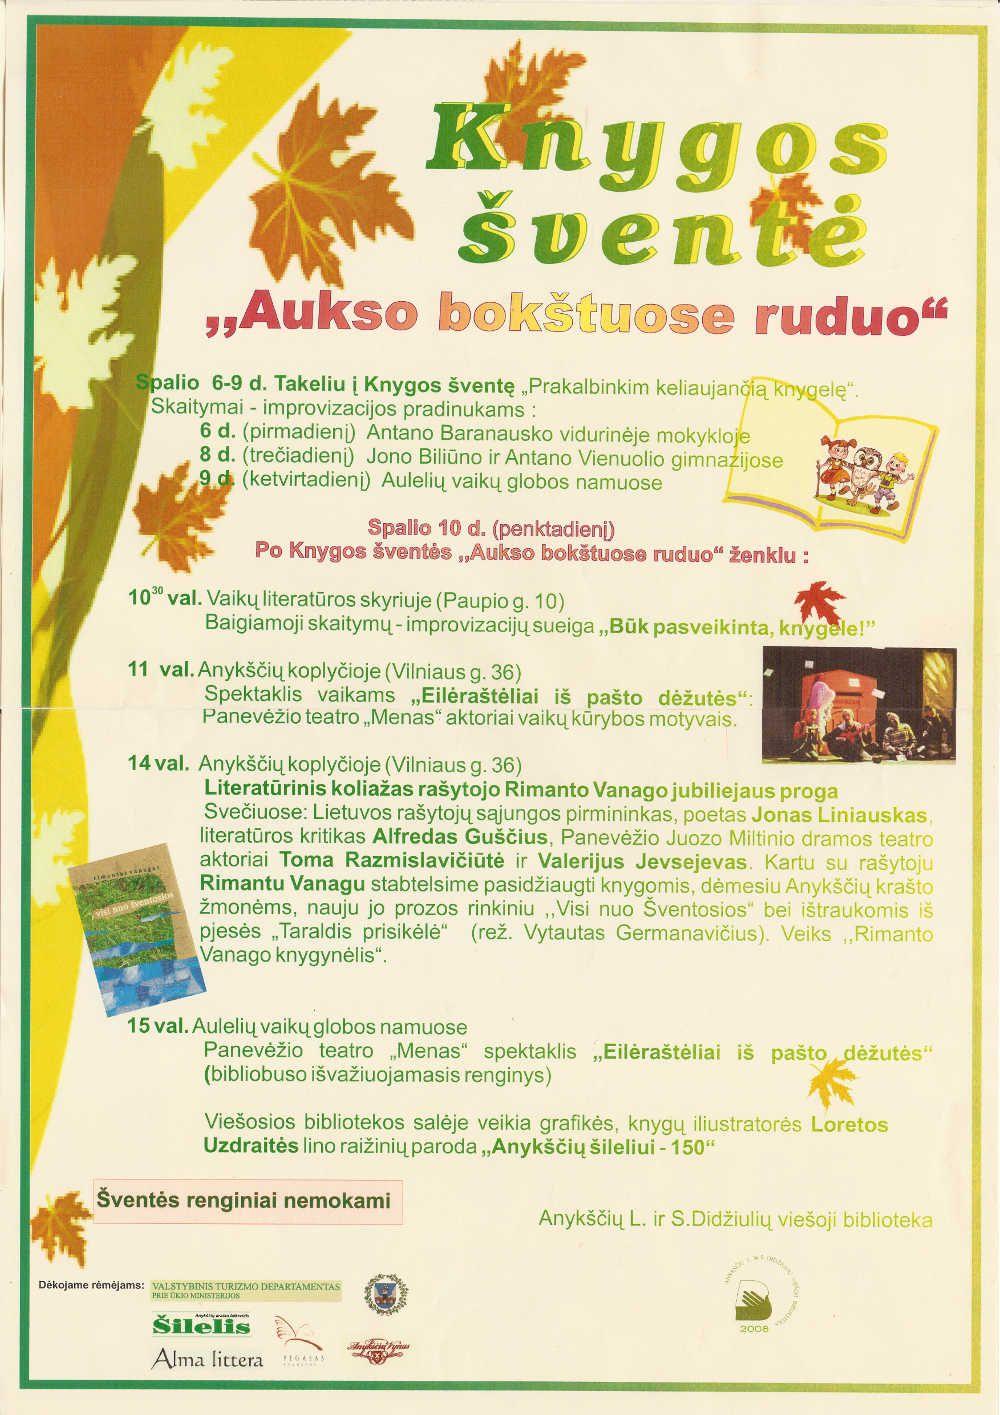 """Takeliu į knygos šventę """"Prakalbinkim keliaujančią knygelę"""" / Skaitymai - improvizacijos pradinukams Antano Baranausko vidurinėje mokykloje"""